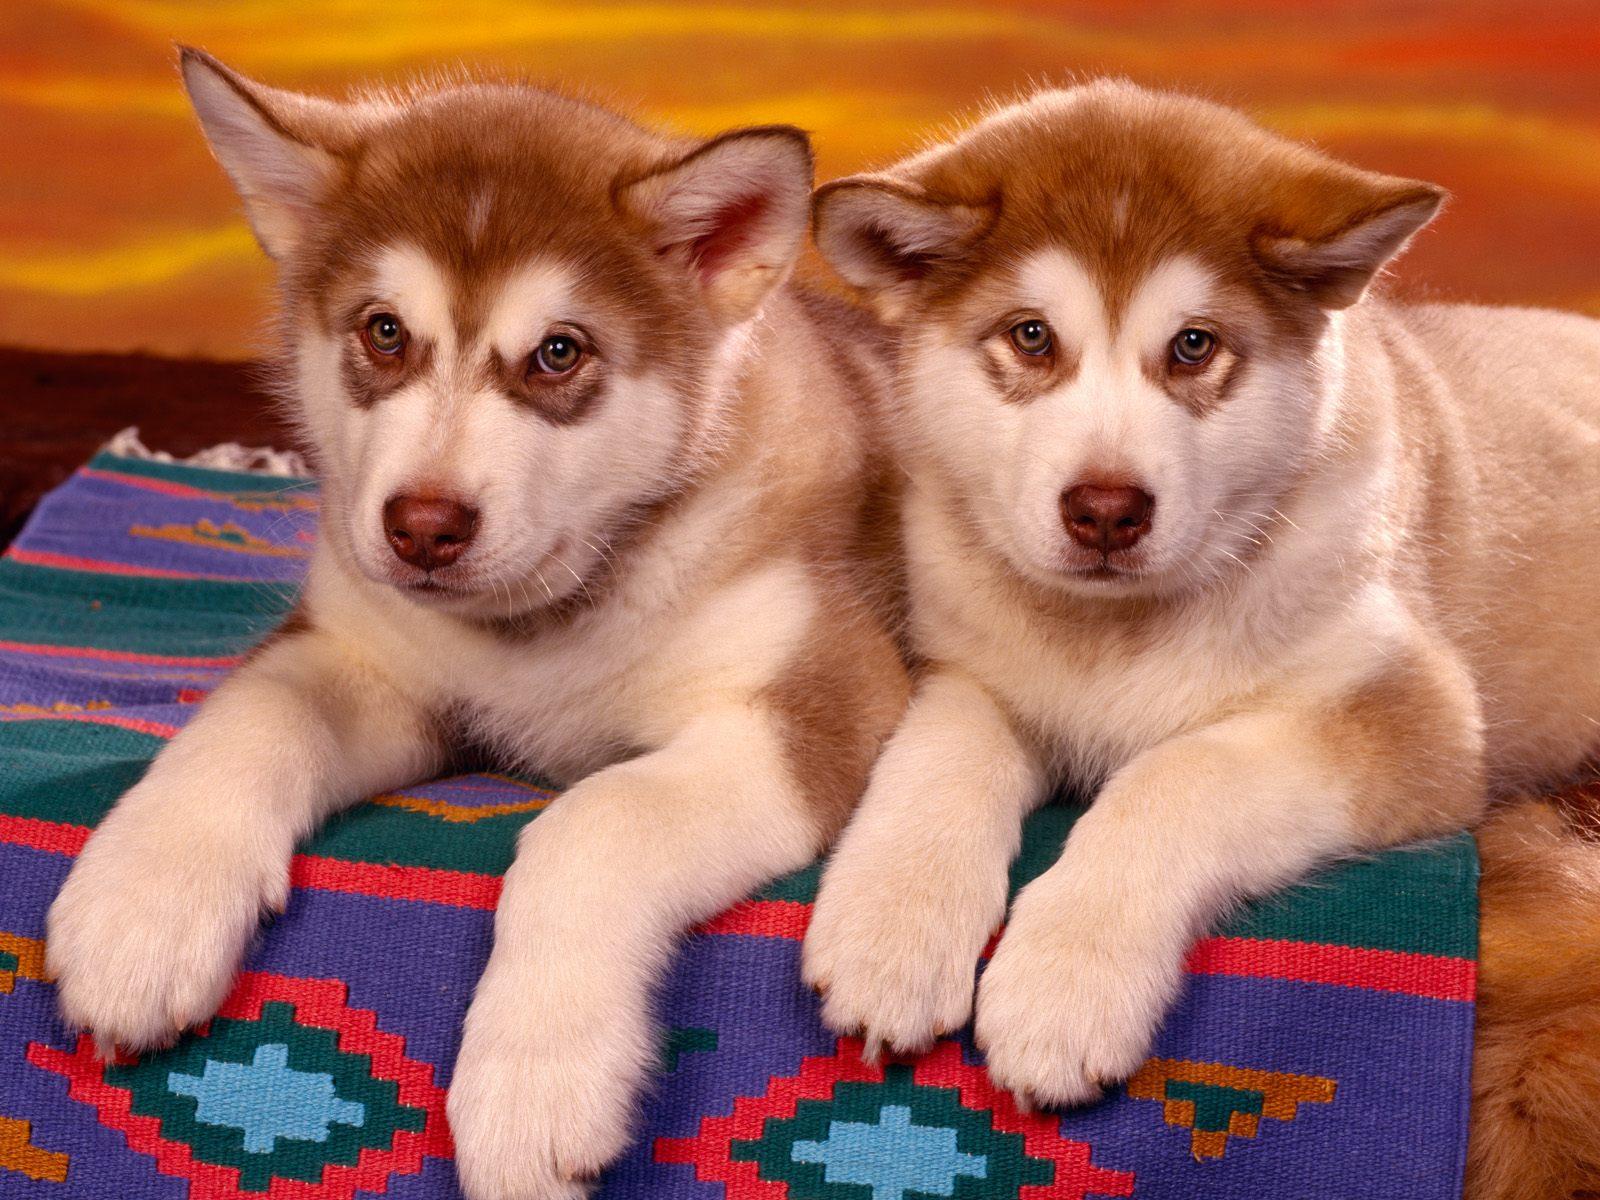 http://3.bp.blogspot.com/-QYjgGO2X7vc/TqxmQH7zOOI/AAAAAAAAAIc/dvna4KKTC98/s1600/Alaskan+Malamutes.jpg